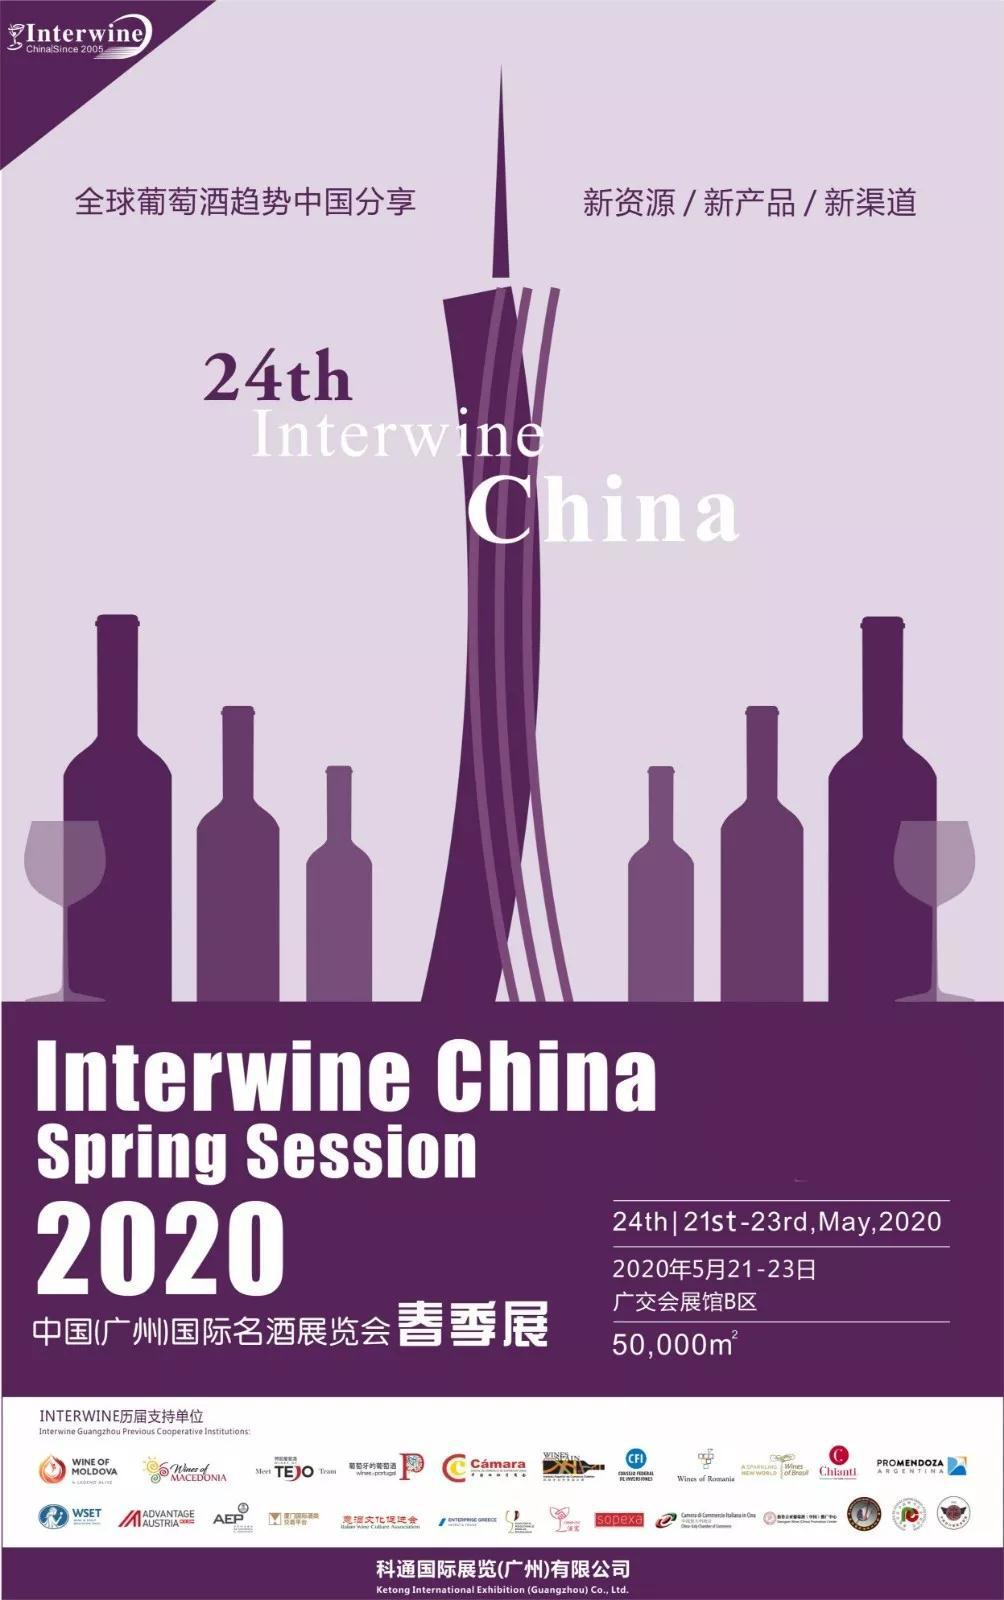 疫情之下,2020 Interwine 如何应对?